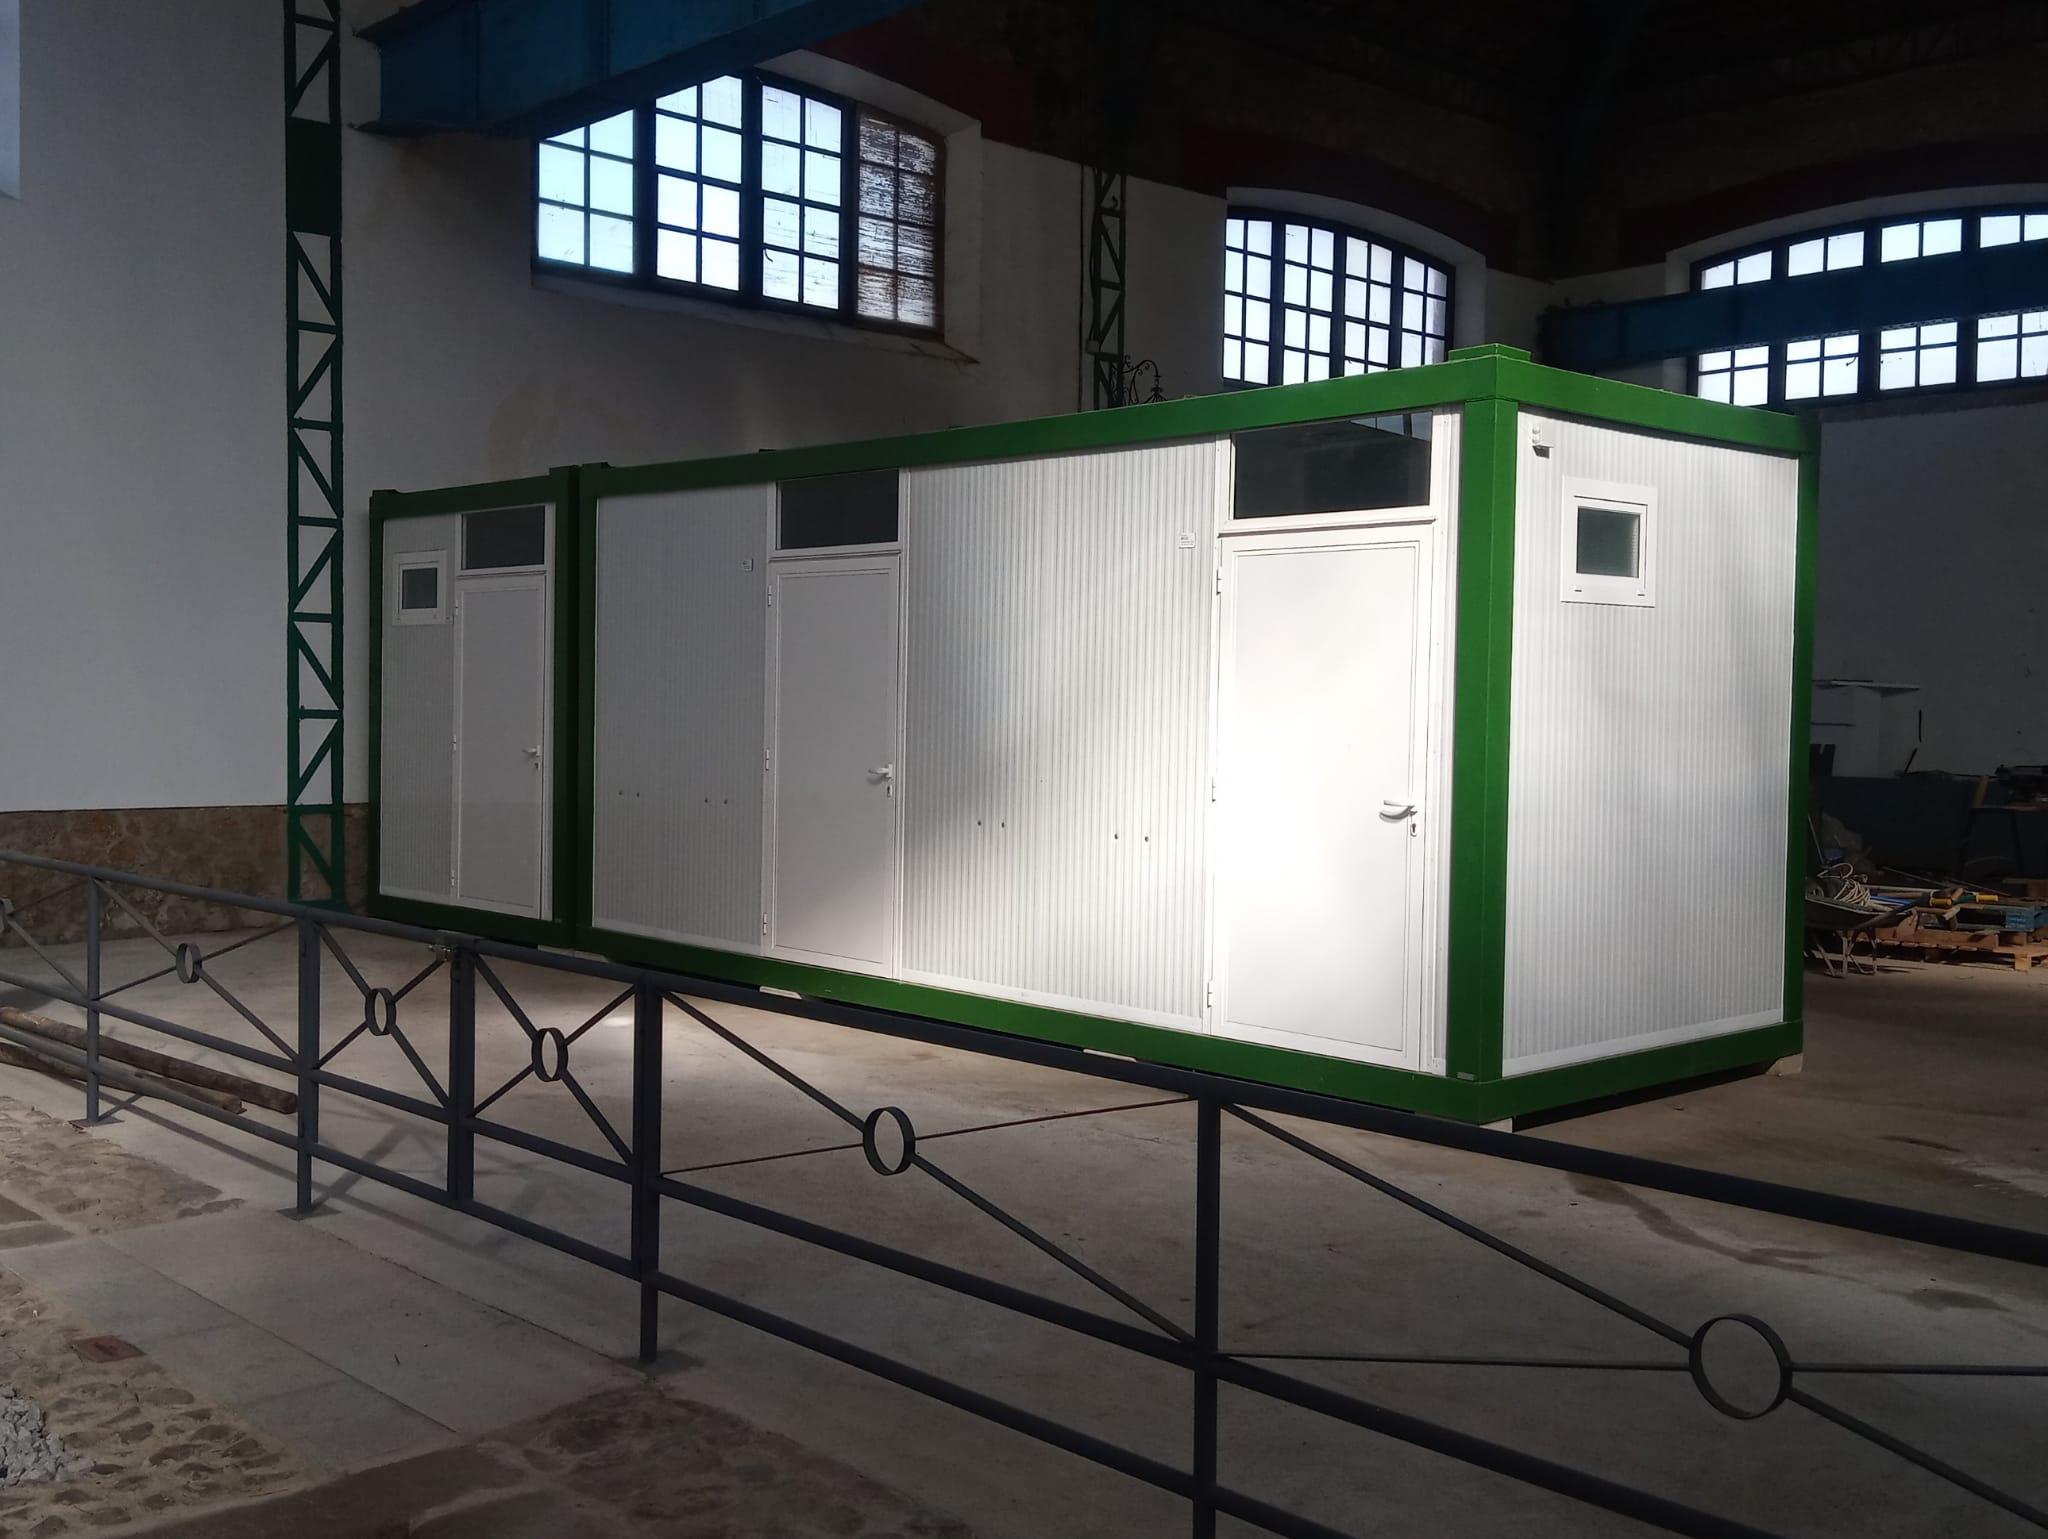 Instalados los Aseos Modulares en el Almacén Central